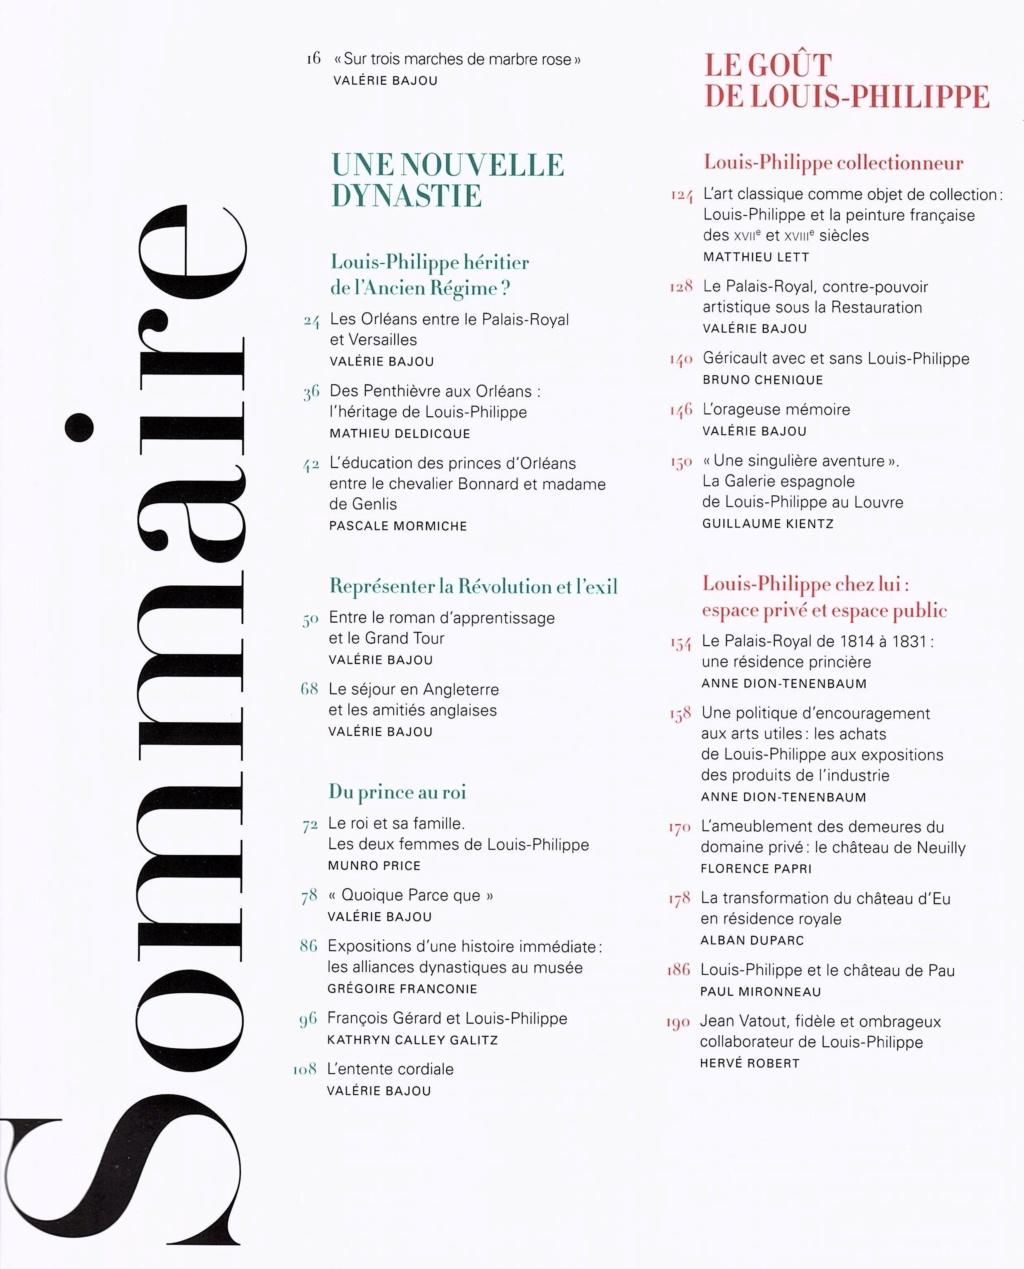 Exposition Louis-Philippe, en 2018 à Versailles - Page 5 Img00320